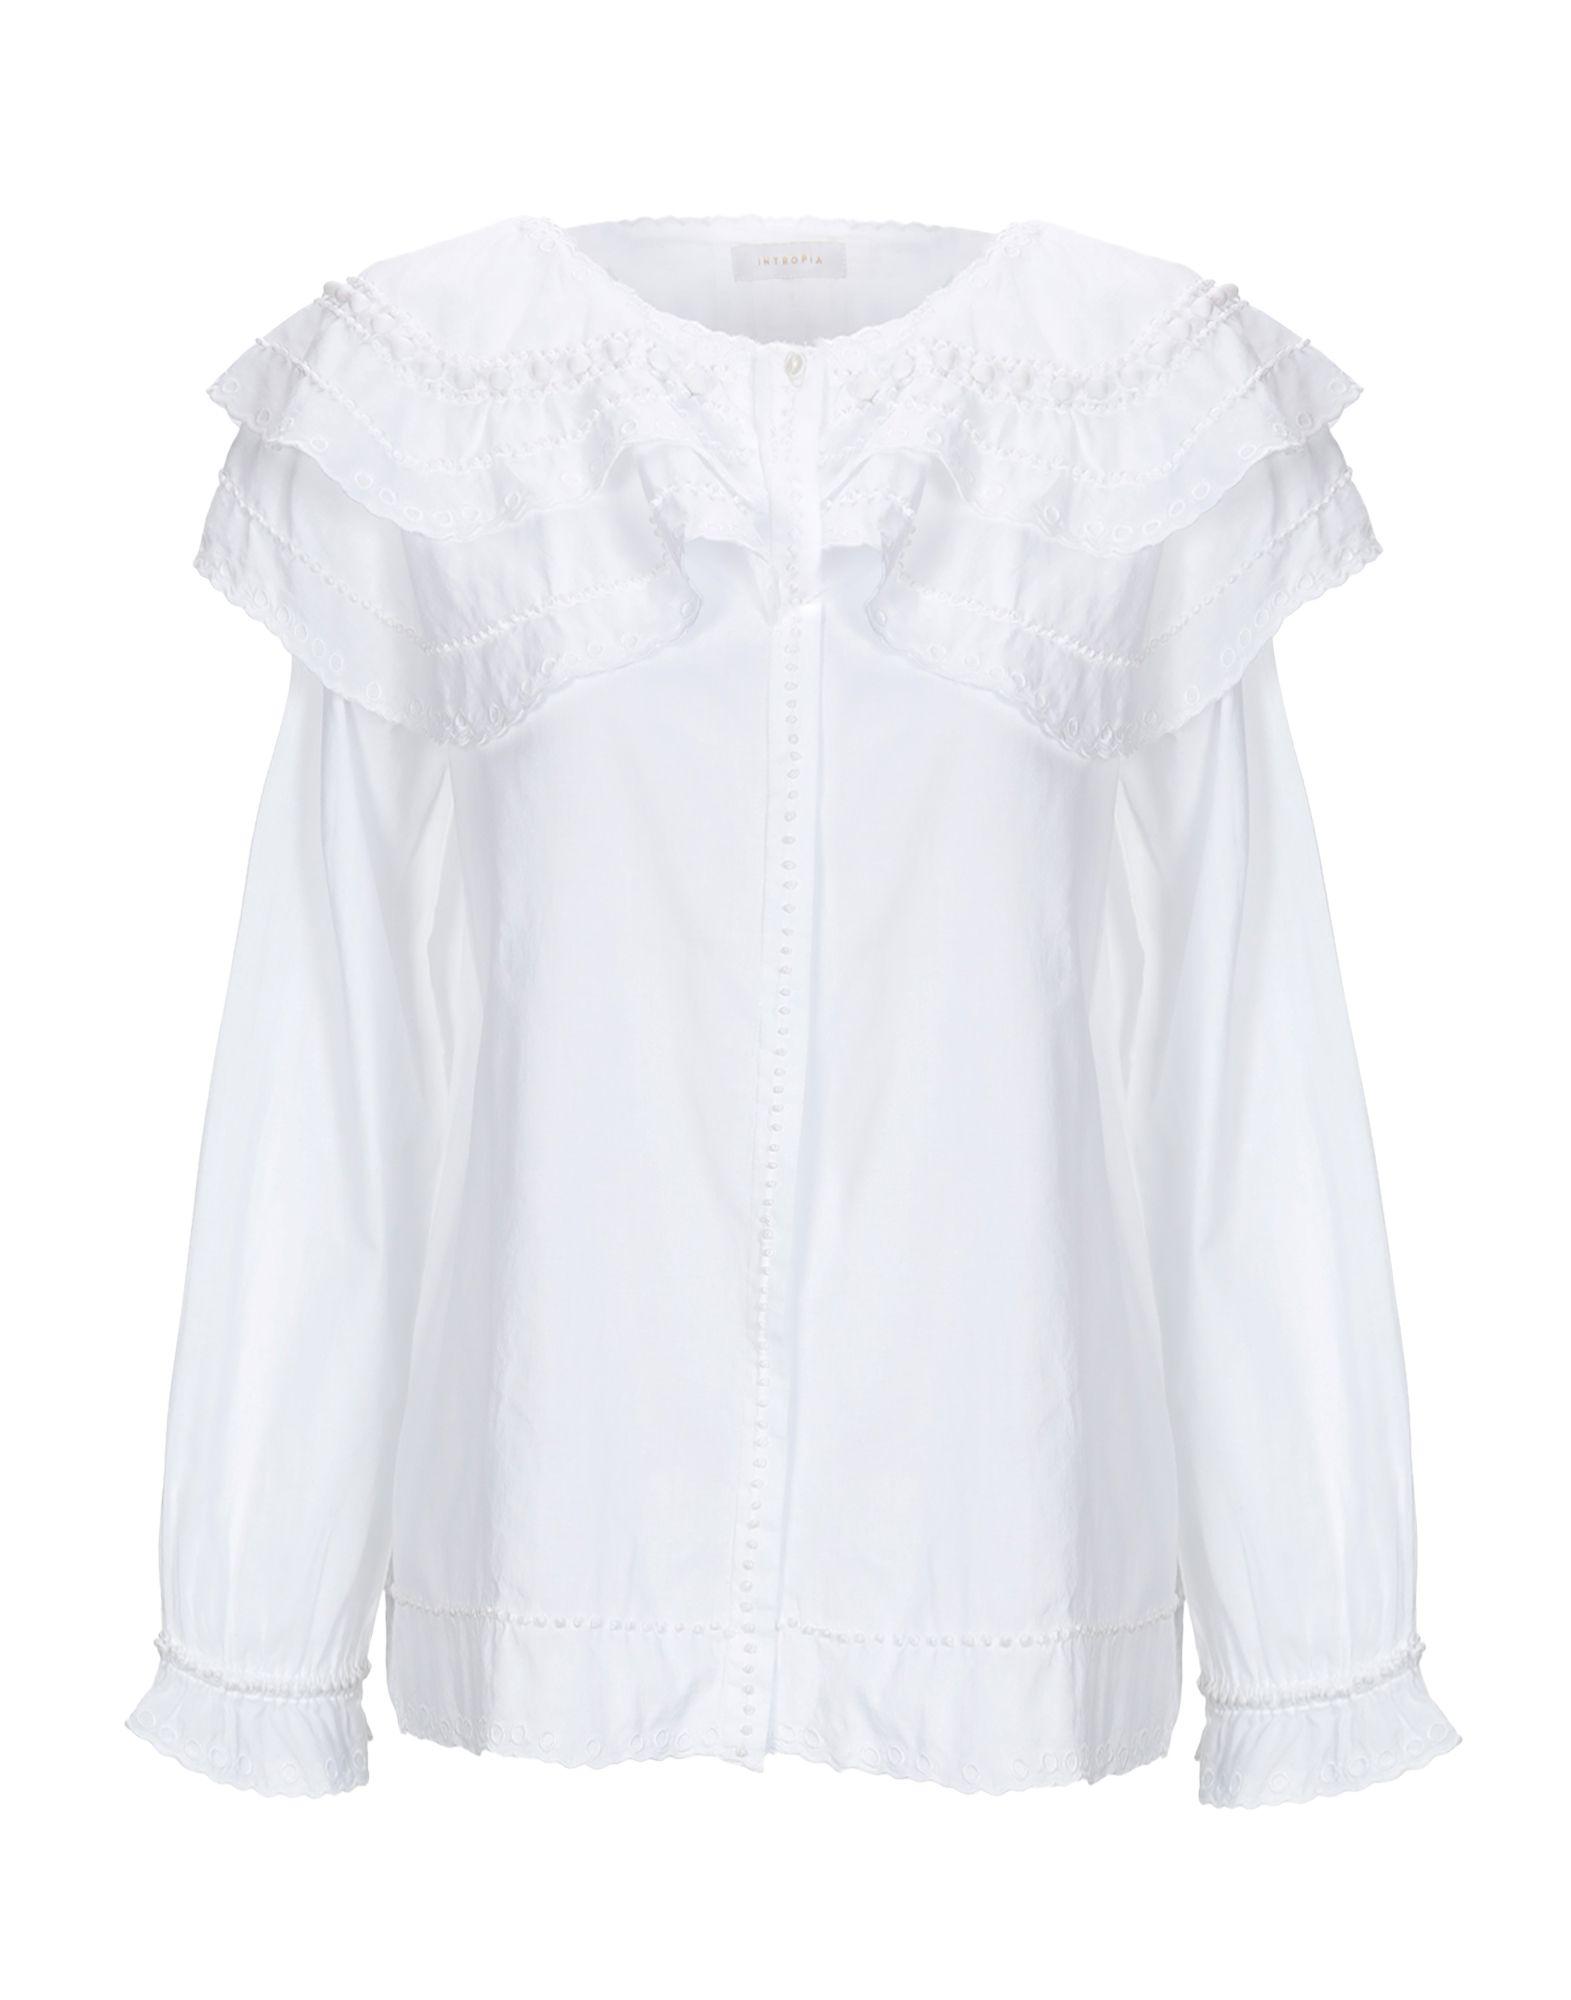 Camicie E bluse Tinta Unita Intropia Intropia Intropia donna - 38796198PH 726